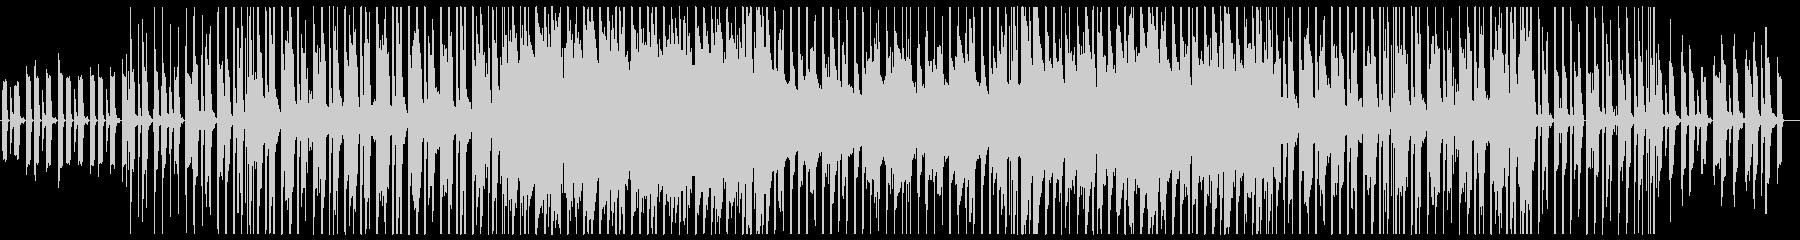 スティールパン 軽快なミディアムテンポの未再生の波形